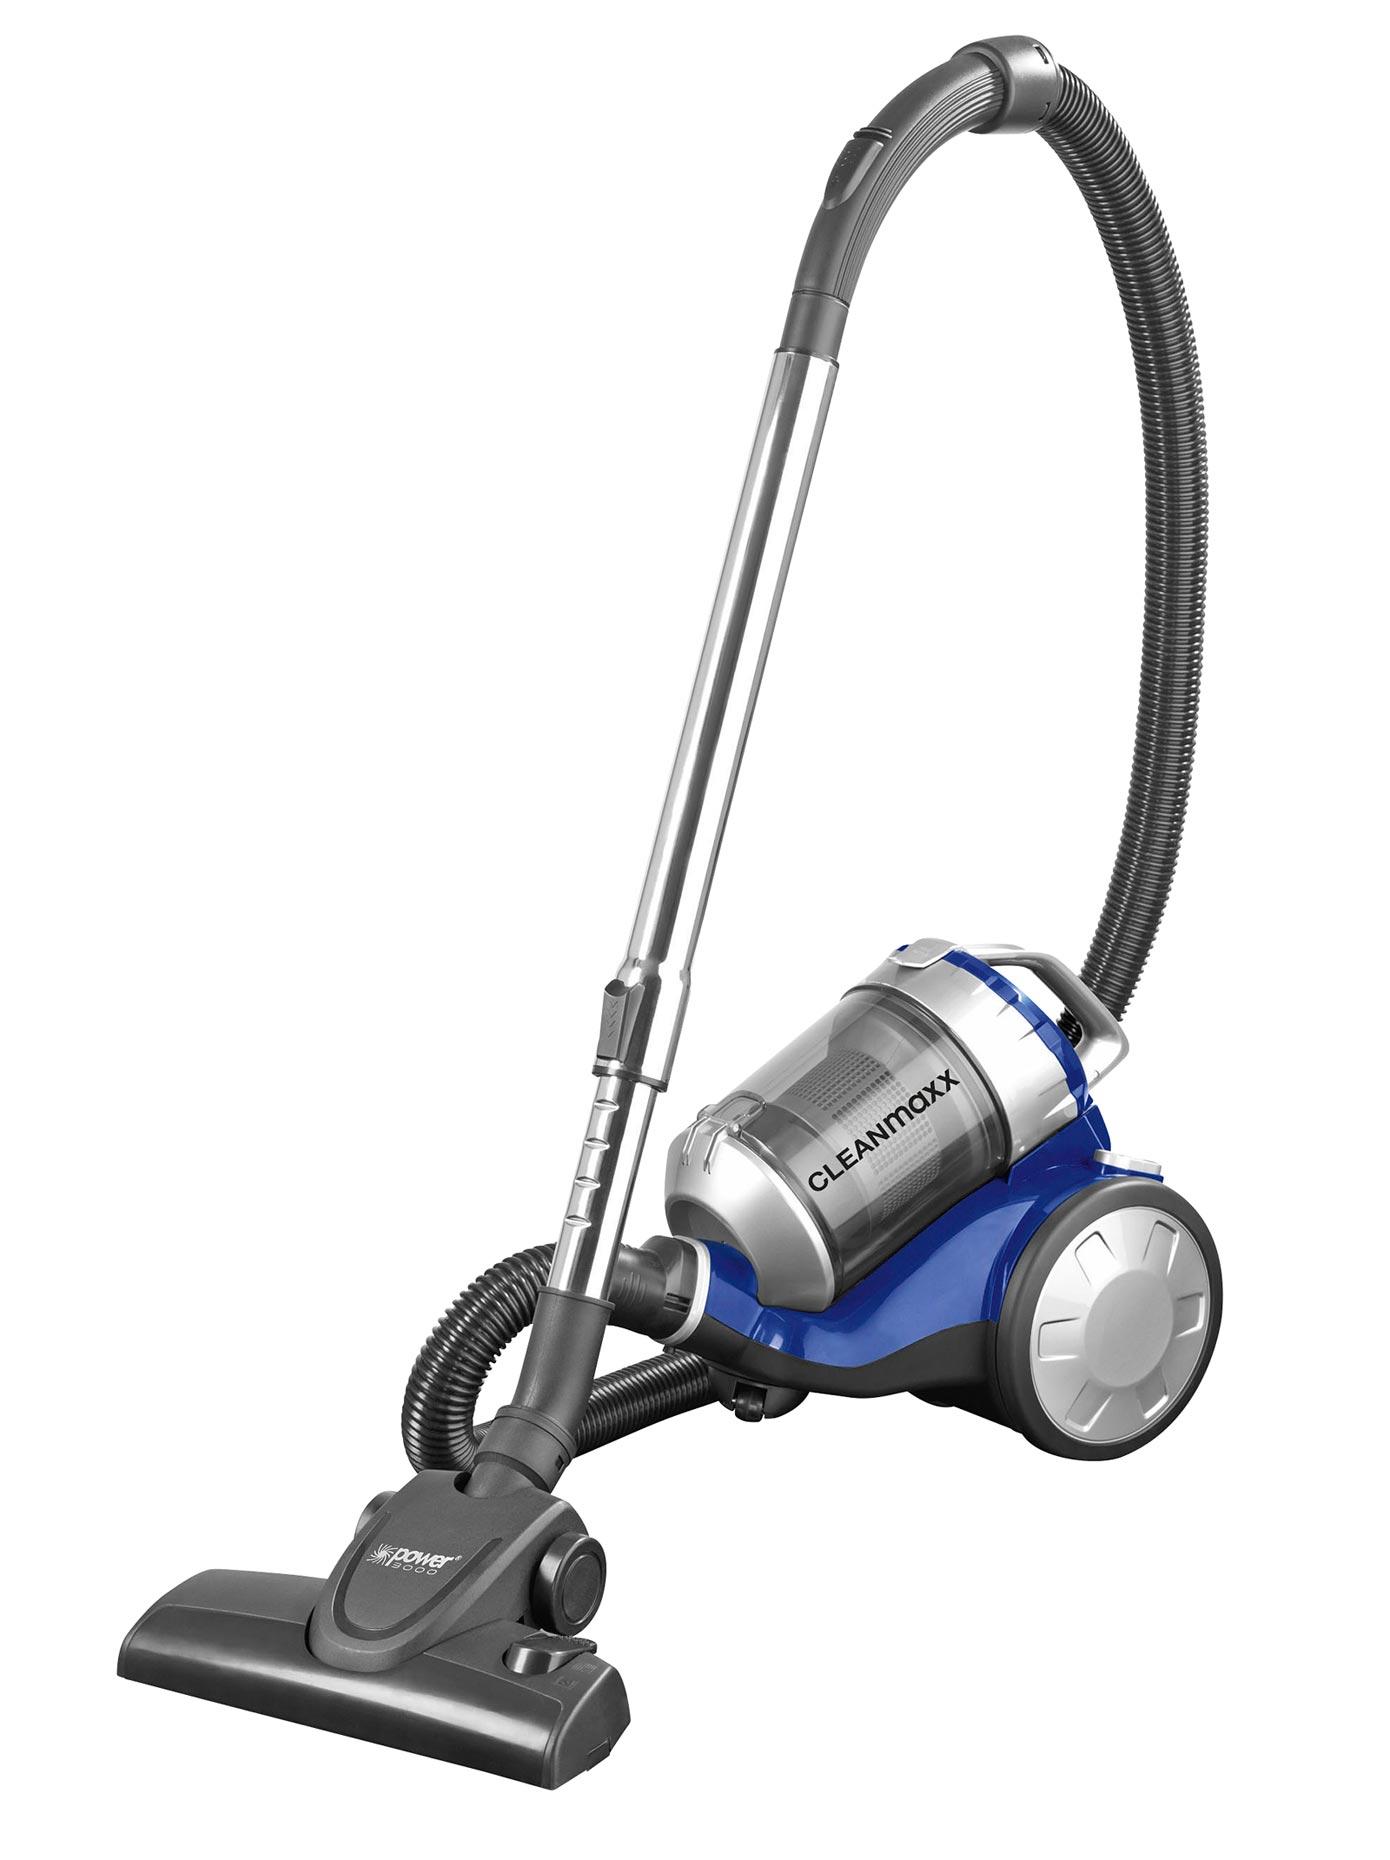 Zyklon-Staubsauger Technik & Freizeit/Elektrogeräte/Haushaltsgeräte/Staubsauger/Bodenstaubsauger/Staubsauger ohne Beutel